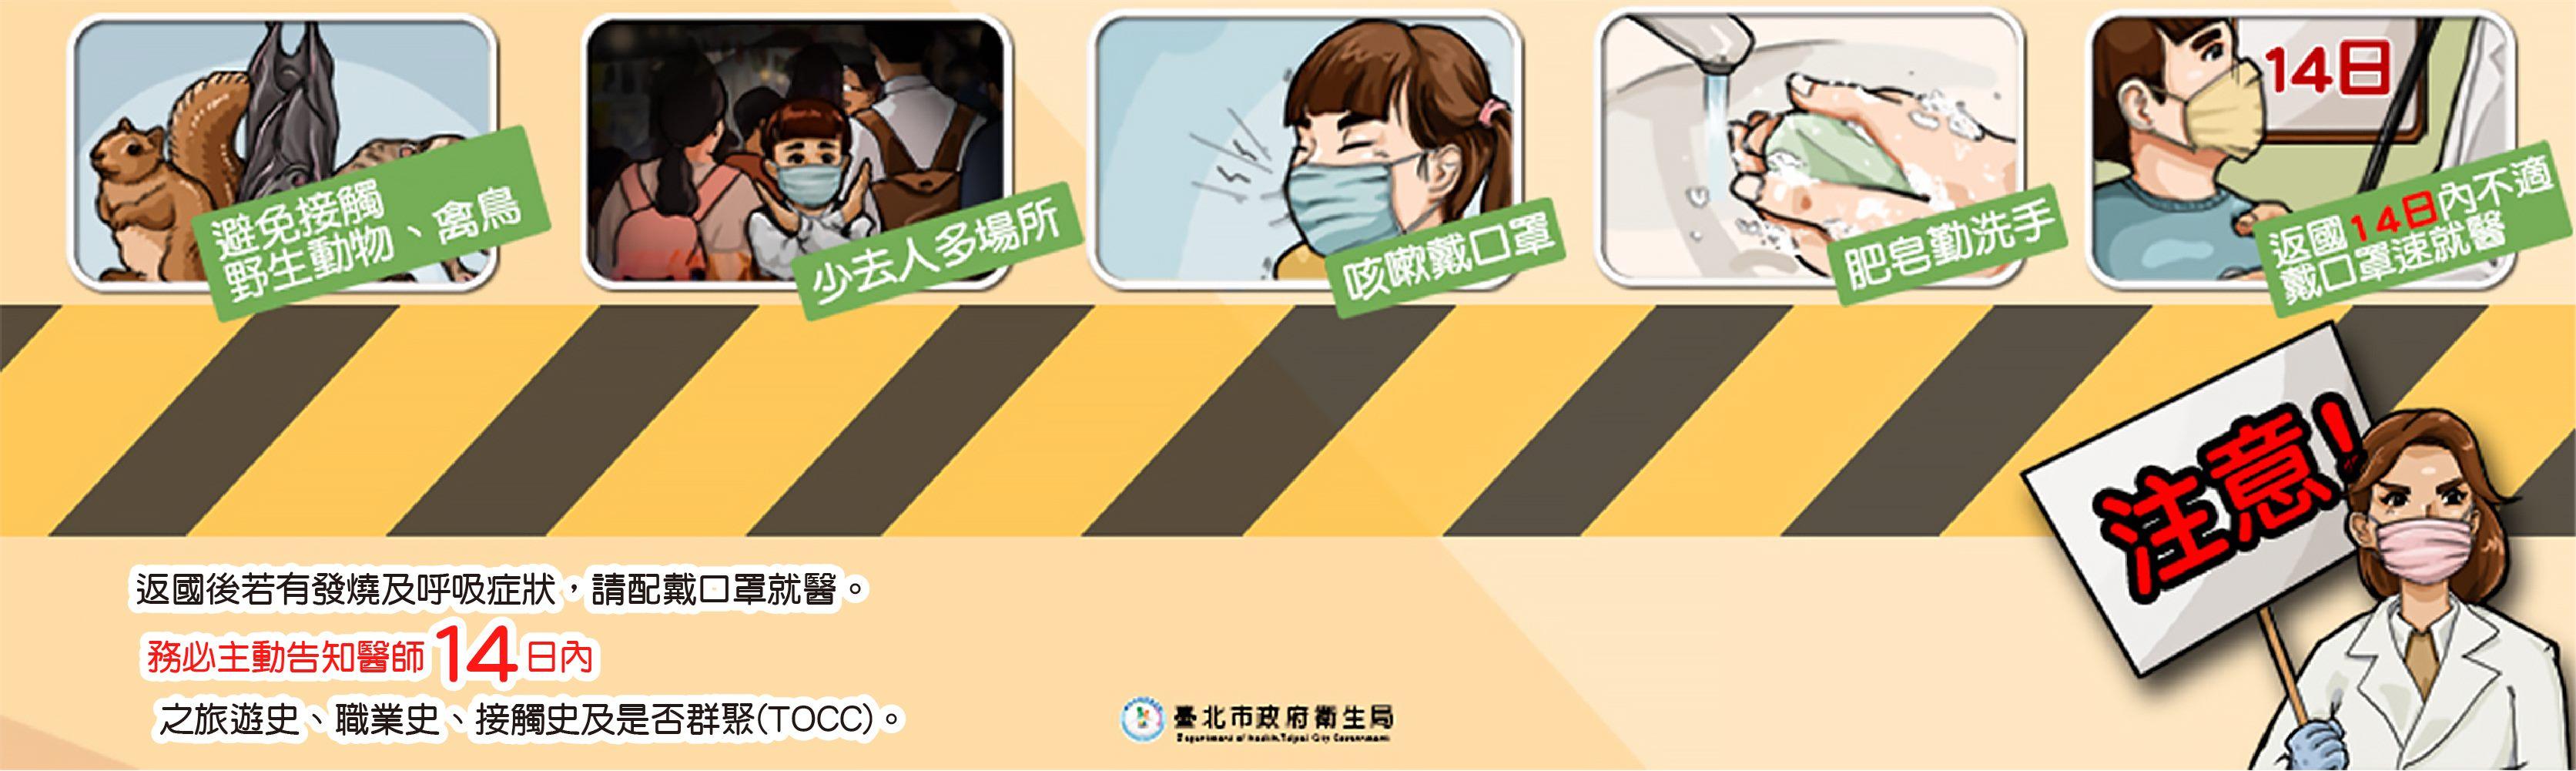 嚴重特殊傳染性肺炎(COVID-19簡稱武漢肺炎)專區[開啟新連結]